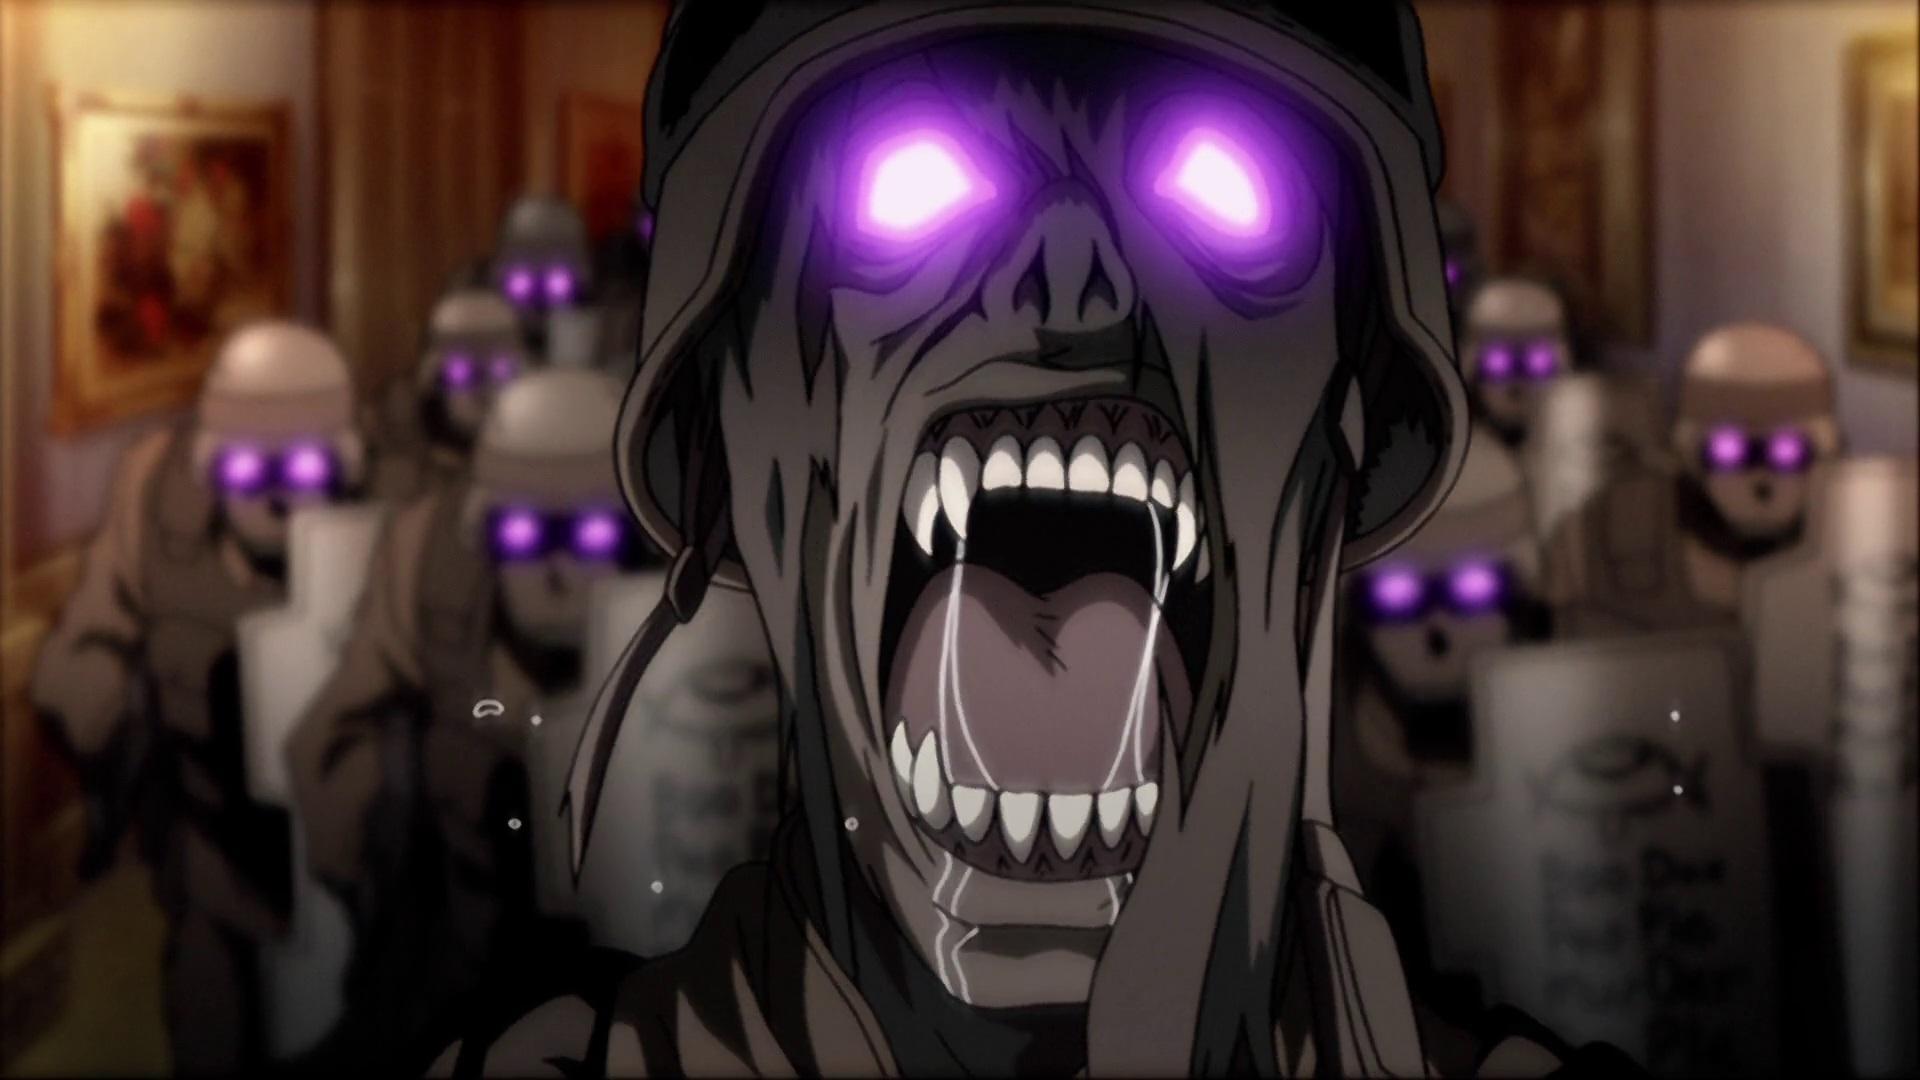 ТОП-7 аниме про зомбаков